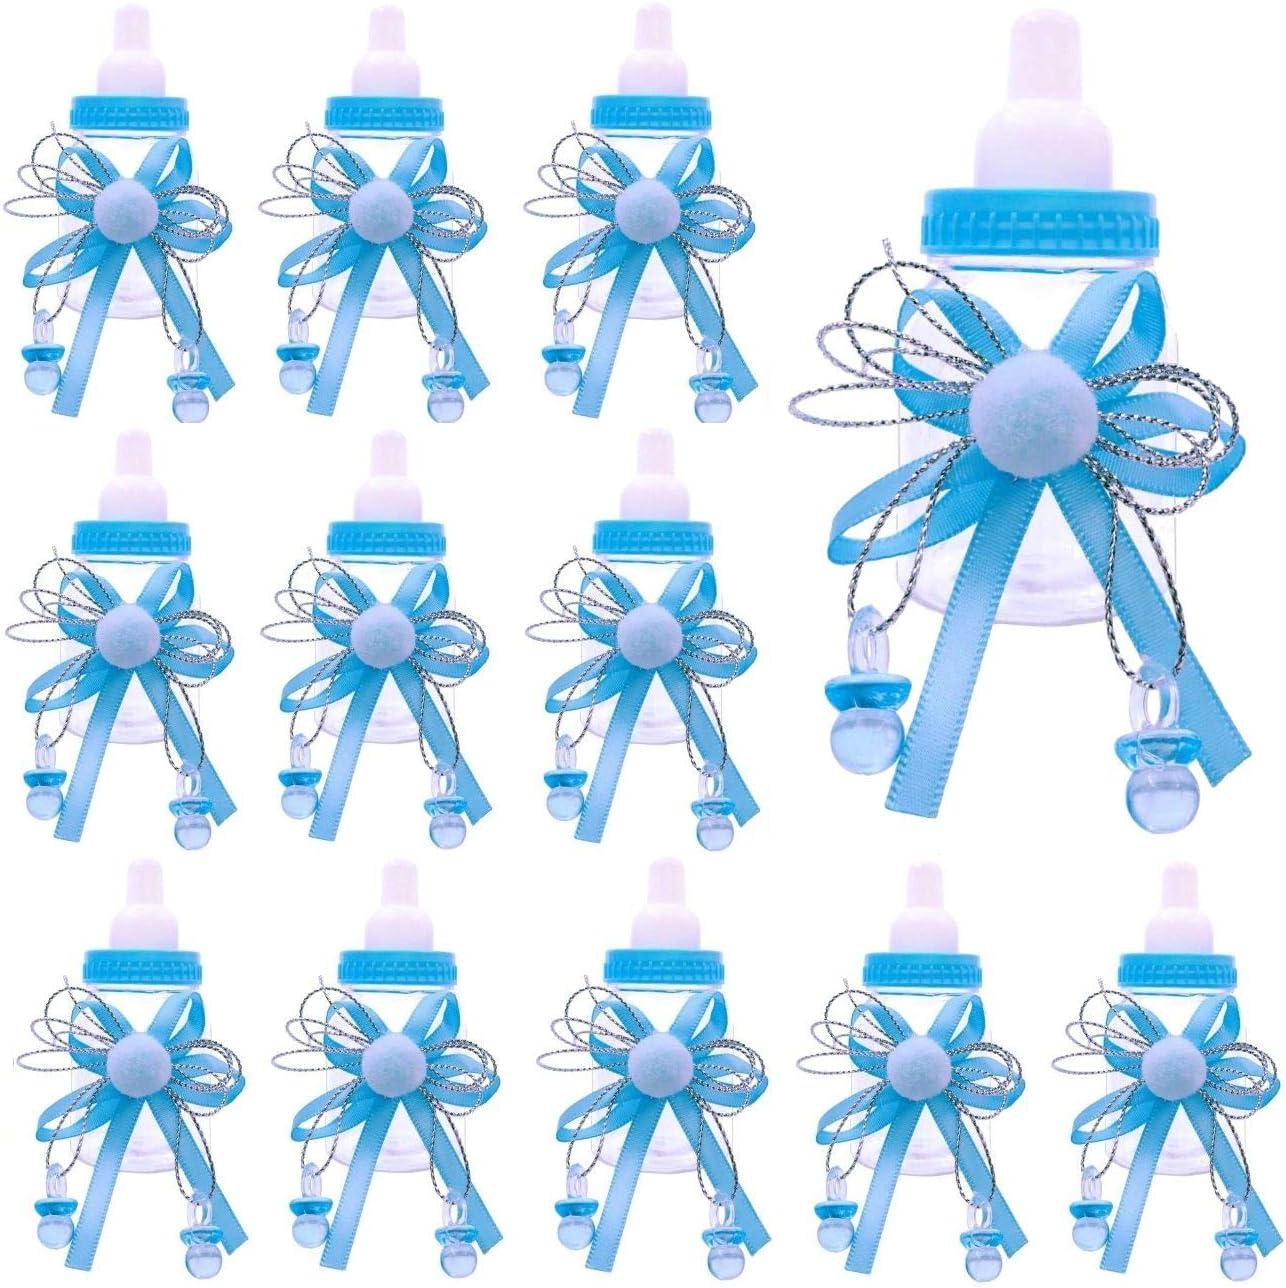 JZK 24 x Bleu biberon bouteille de bonbons bouteille de faveur bo/îtes bo/îte cadeau pour les faveurs confettis friandises cadeaux et bijoux pour les enfants